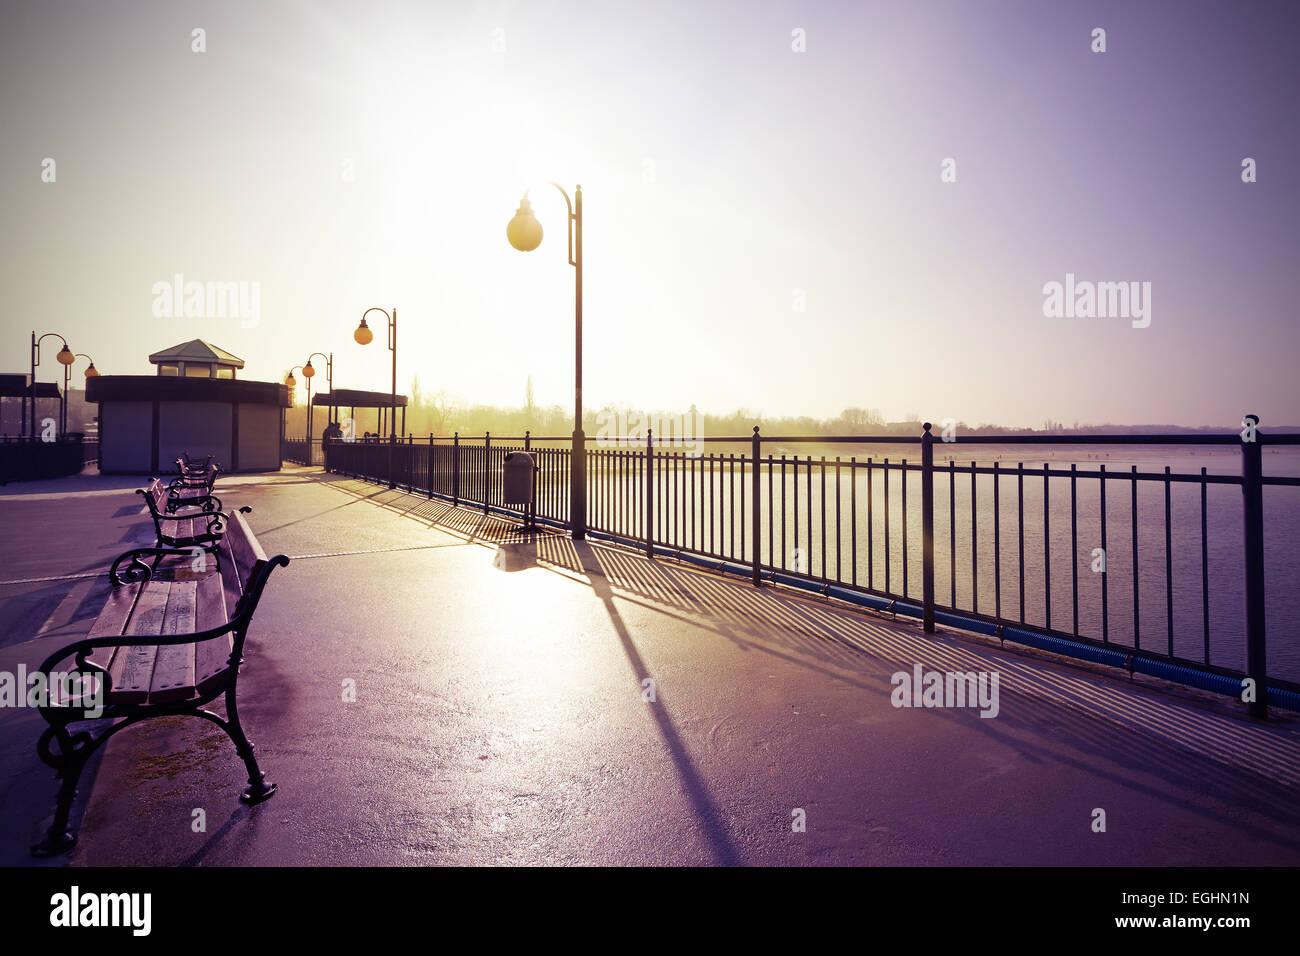 Vintage Retro nostálgico filtrada imagen del paseo marítimo contra el sol. Imagen De Stock